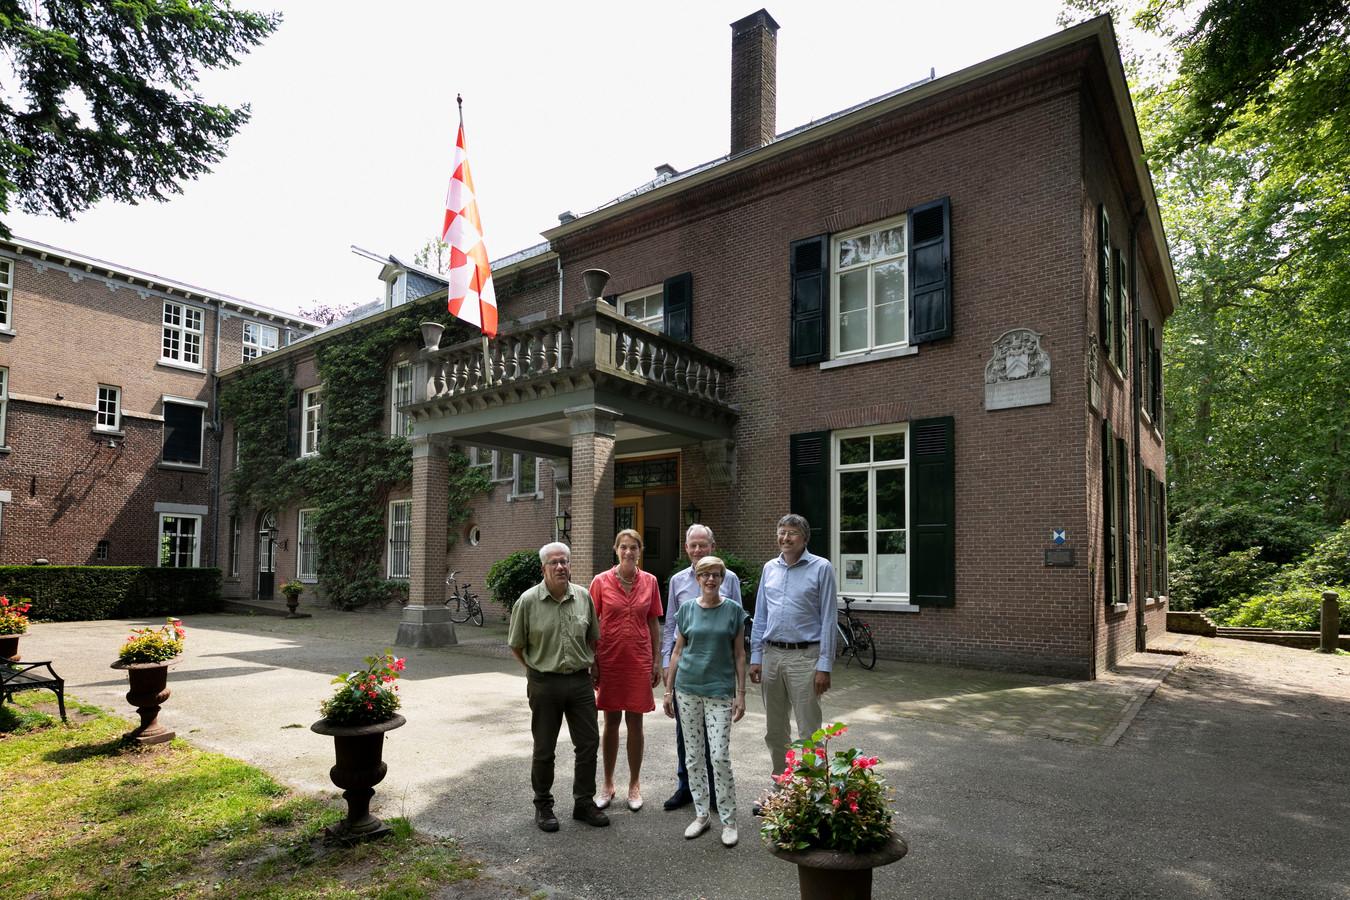 De hoofdingang van het kasteel, met ervoor het bestuur van de stichting Landgoed Kasteel Geldrop. V.l.n.r.: Jan Vellekoop, Els Luijerink, Jos van Lange, Christine van den Akker en Eugene Franken.